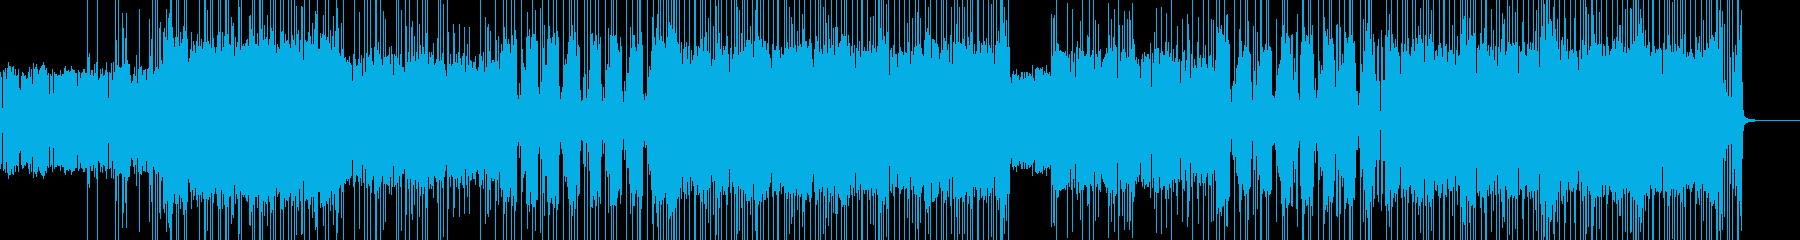 16ビートのファンク風ロックの再生済みの波形